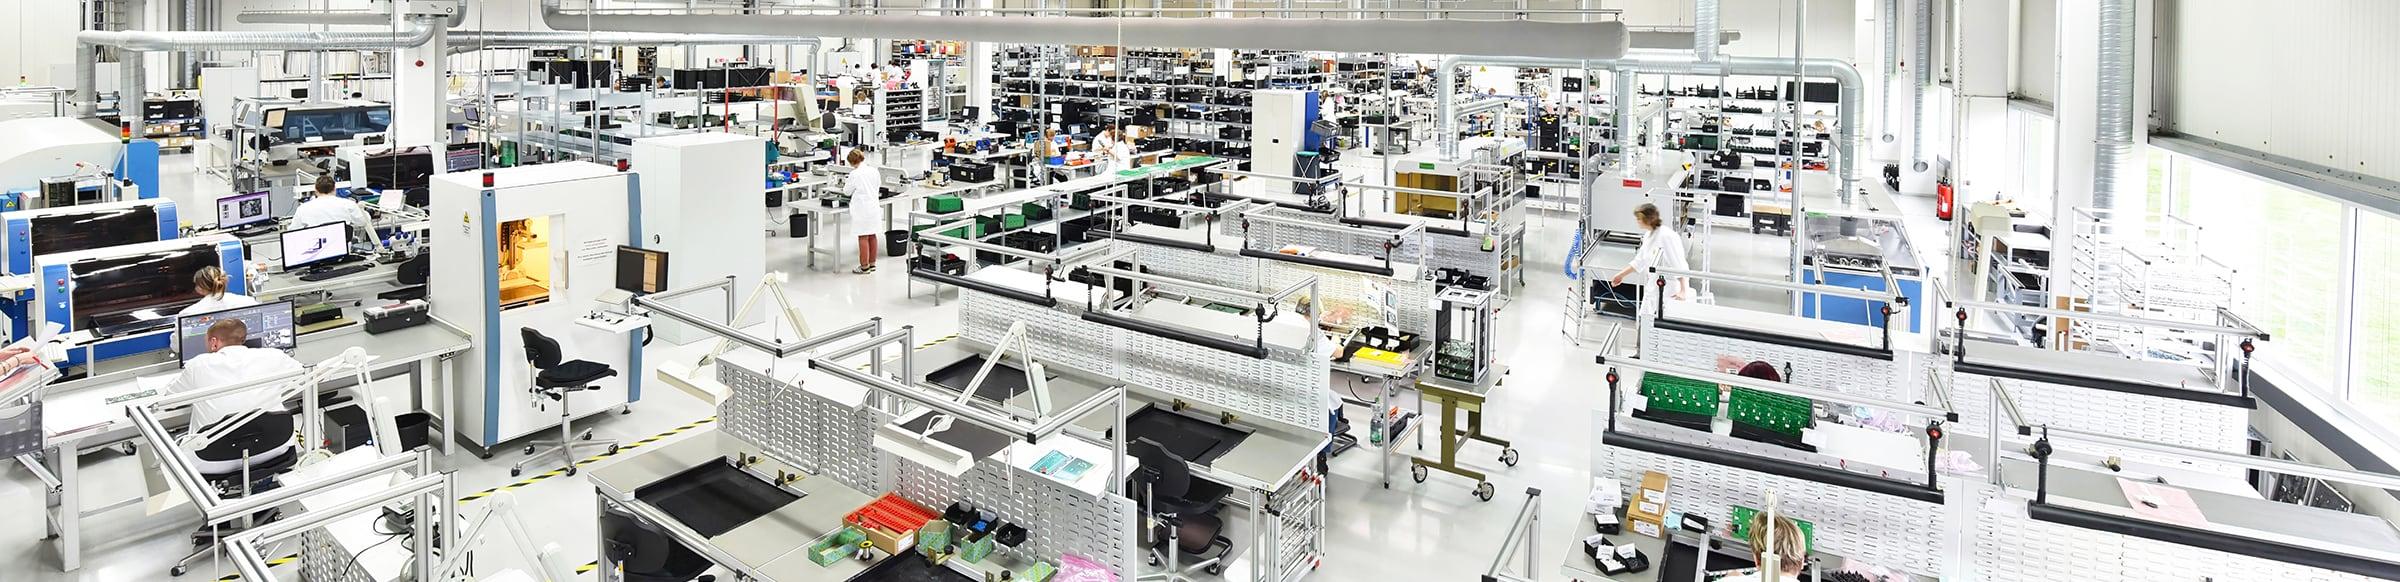 Manutenzione Industriale